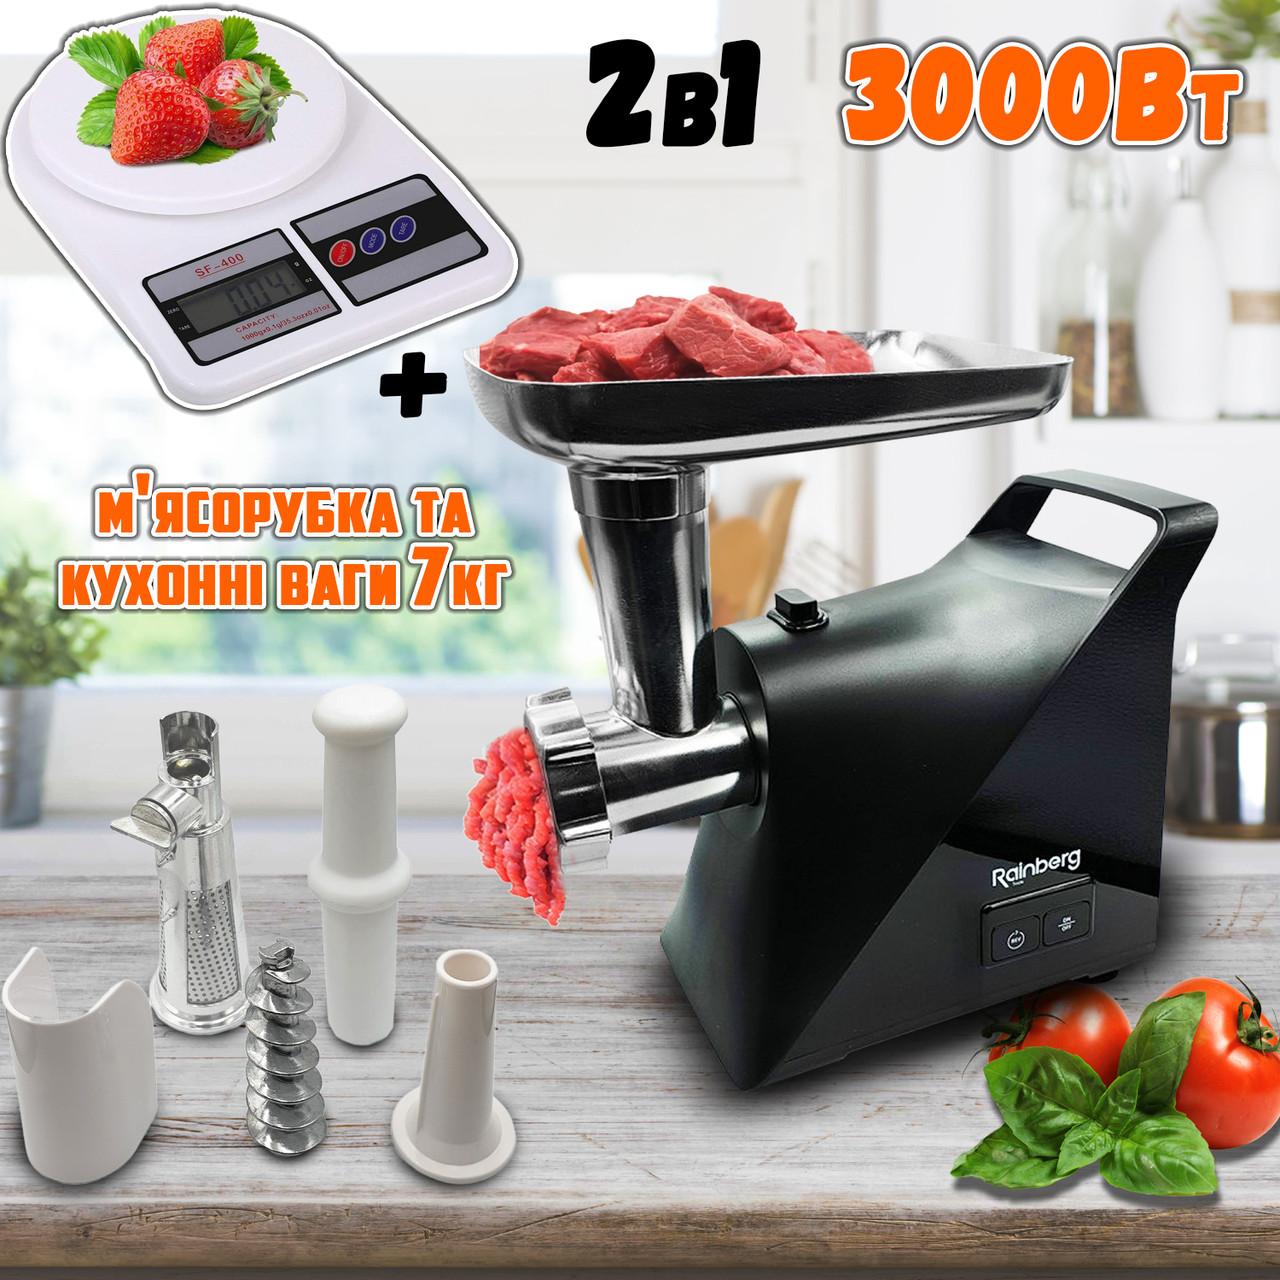 Потужна електром'ясорубка з соковижималкою 2в1 Rainberg 679BR 3000W Black+Високоточні ваги кухонні SF-400 7кг